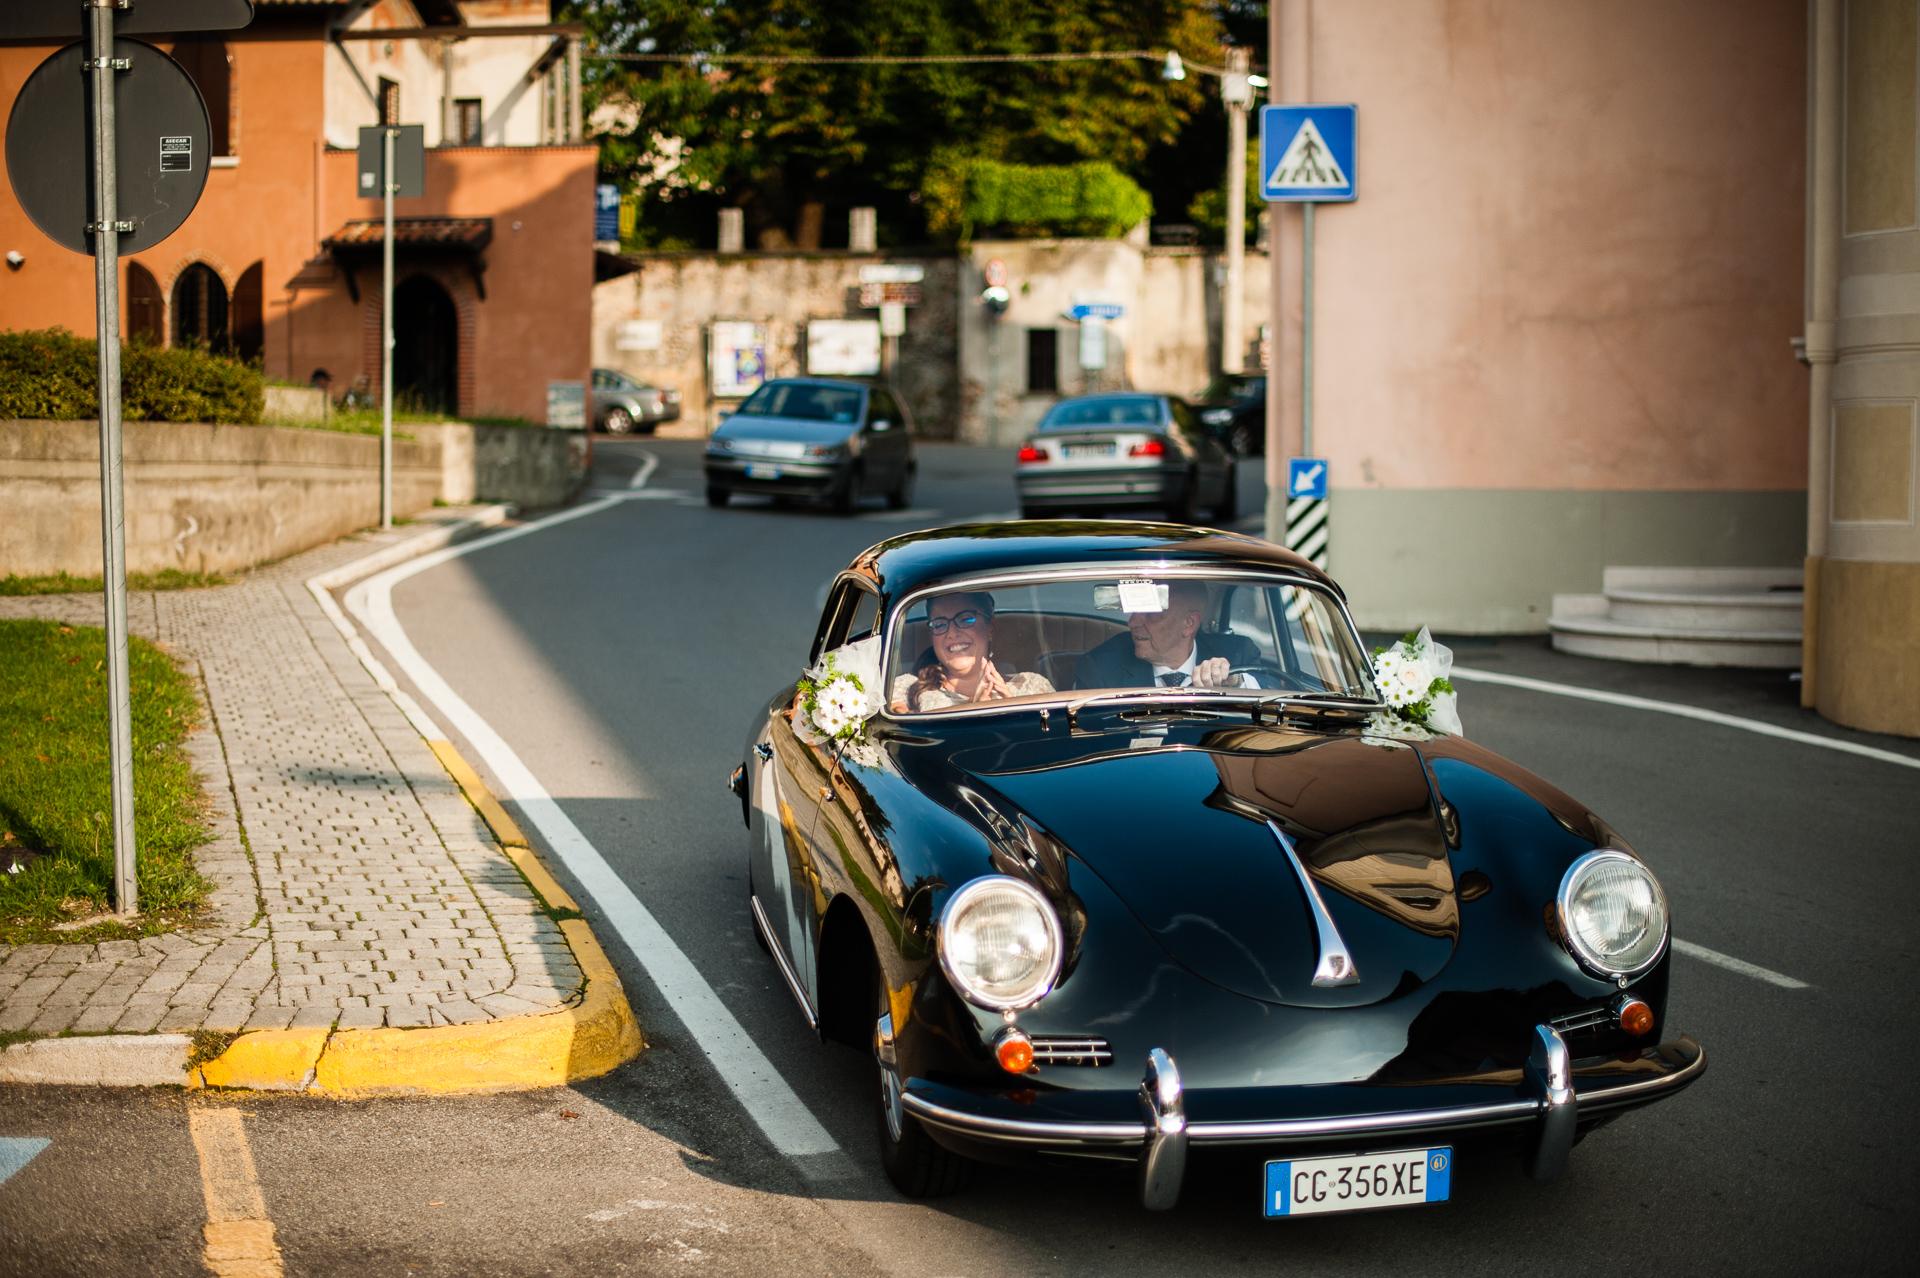 Elopement Bild vom Erbusco Town Hall Elopement (BS) - Die Braut kommt mit ihrem Vater, der ein Jaguar-Oldtimer vom Typ E fährt, im Rathaus an.